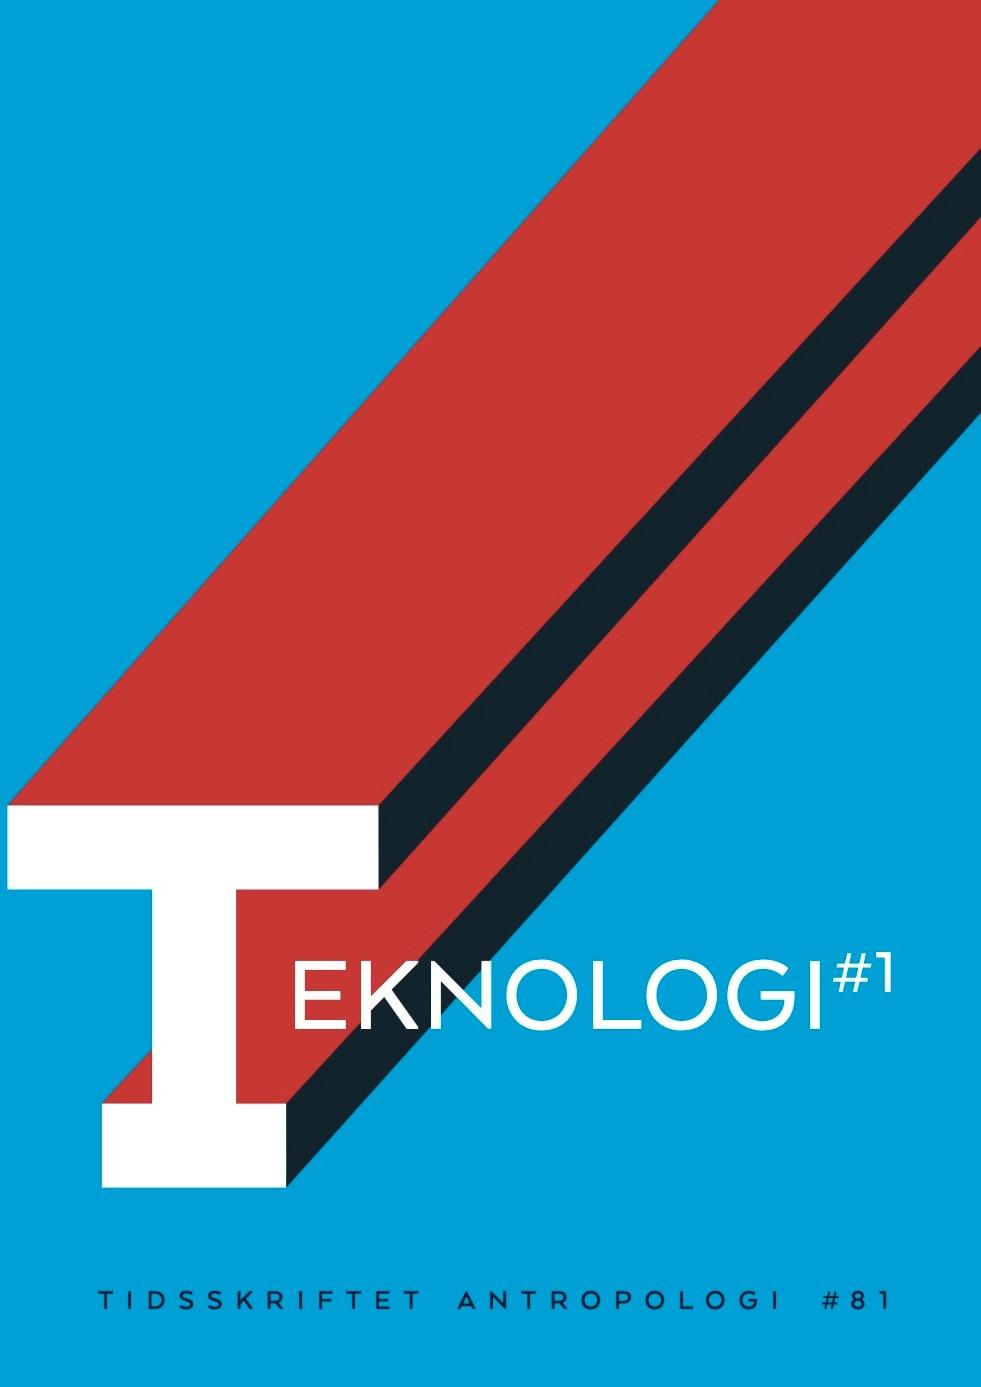 Tidsskriftet Antropologi